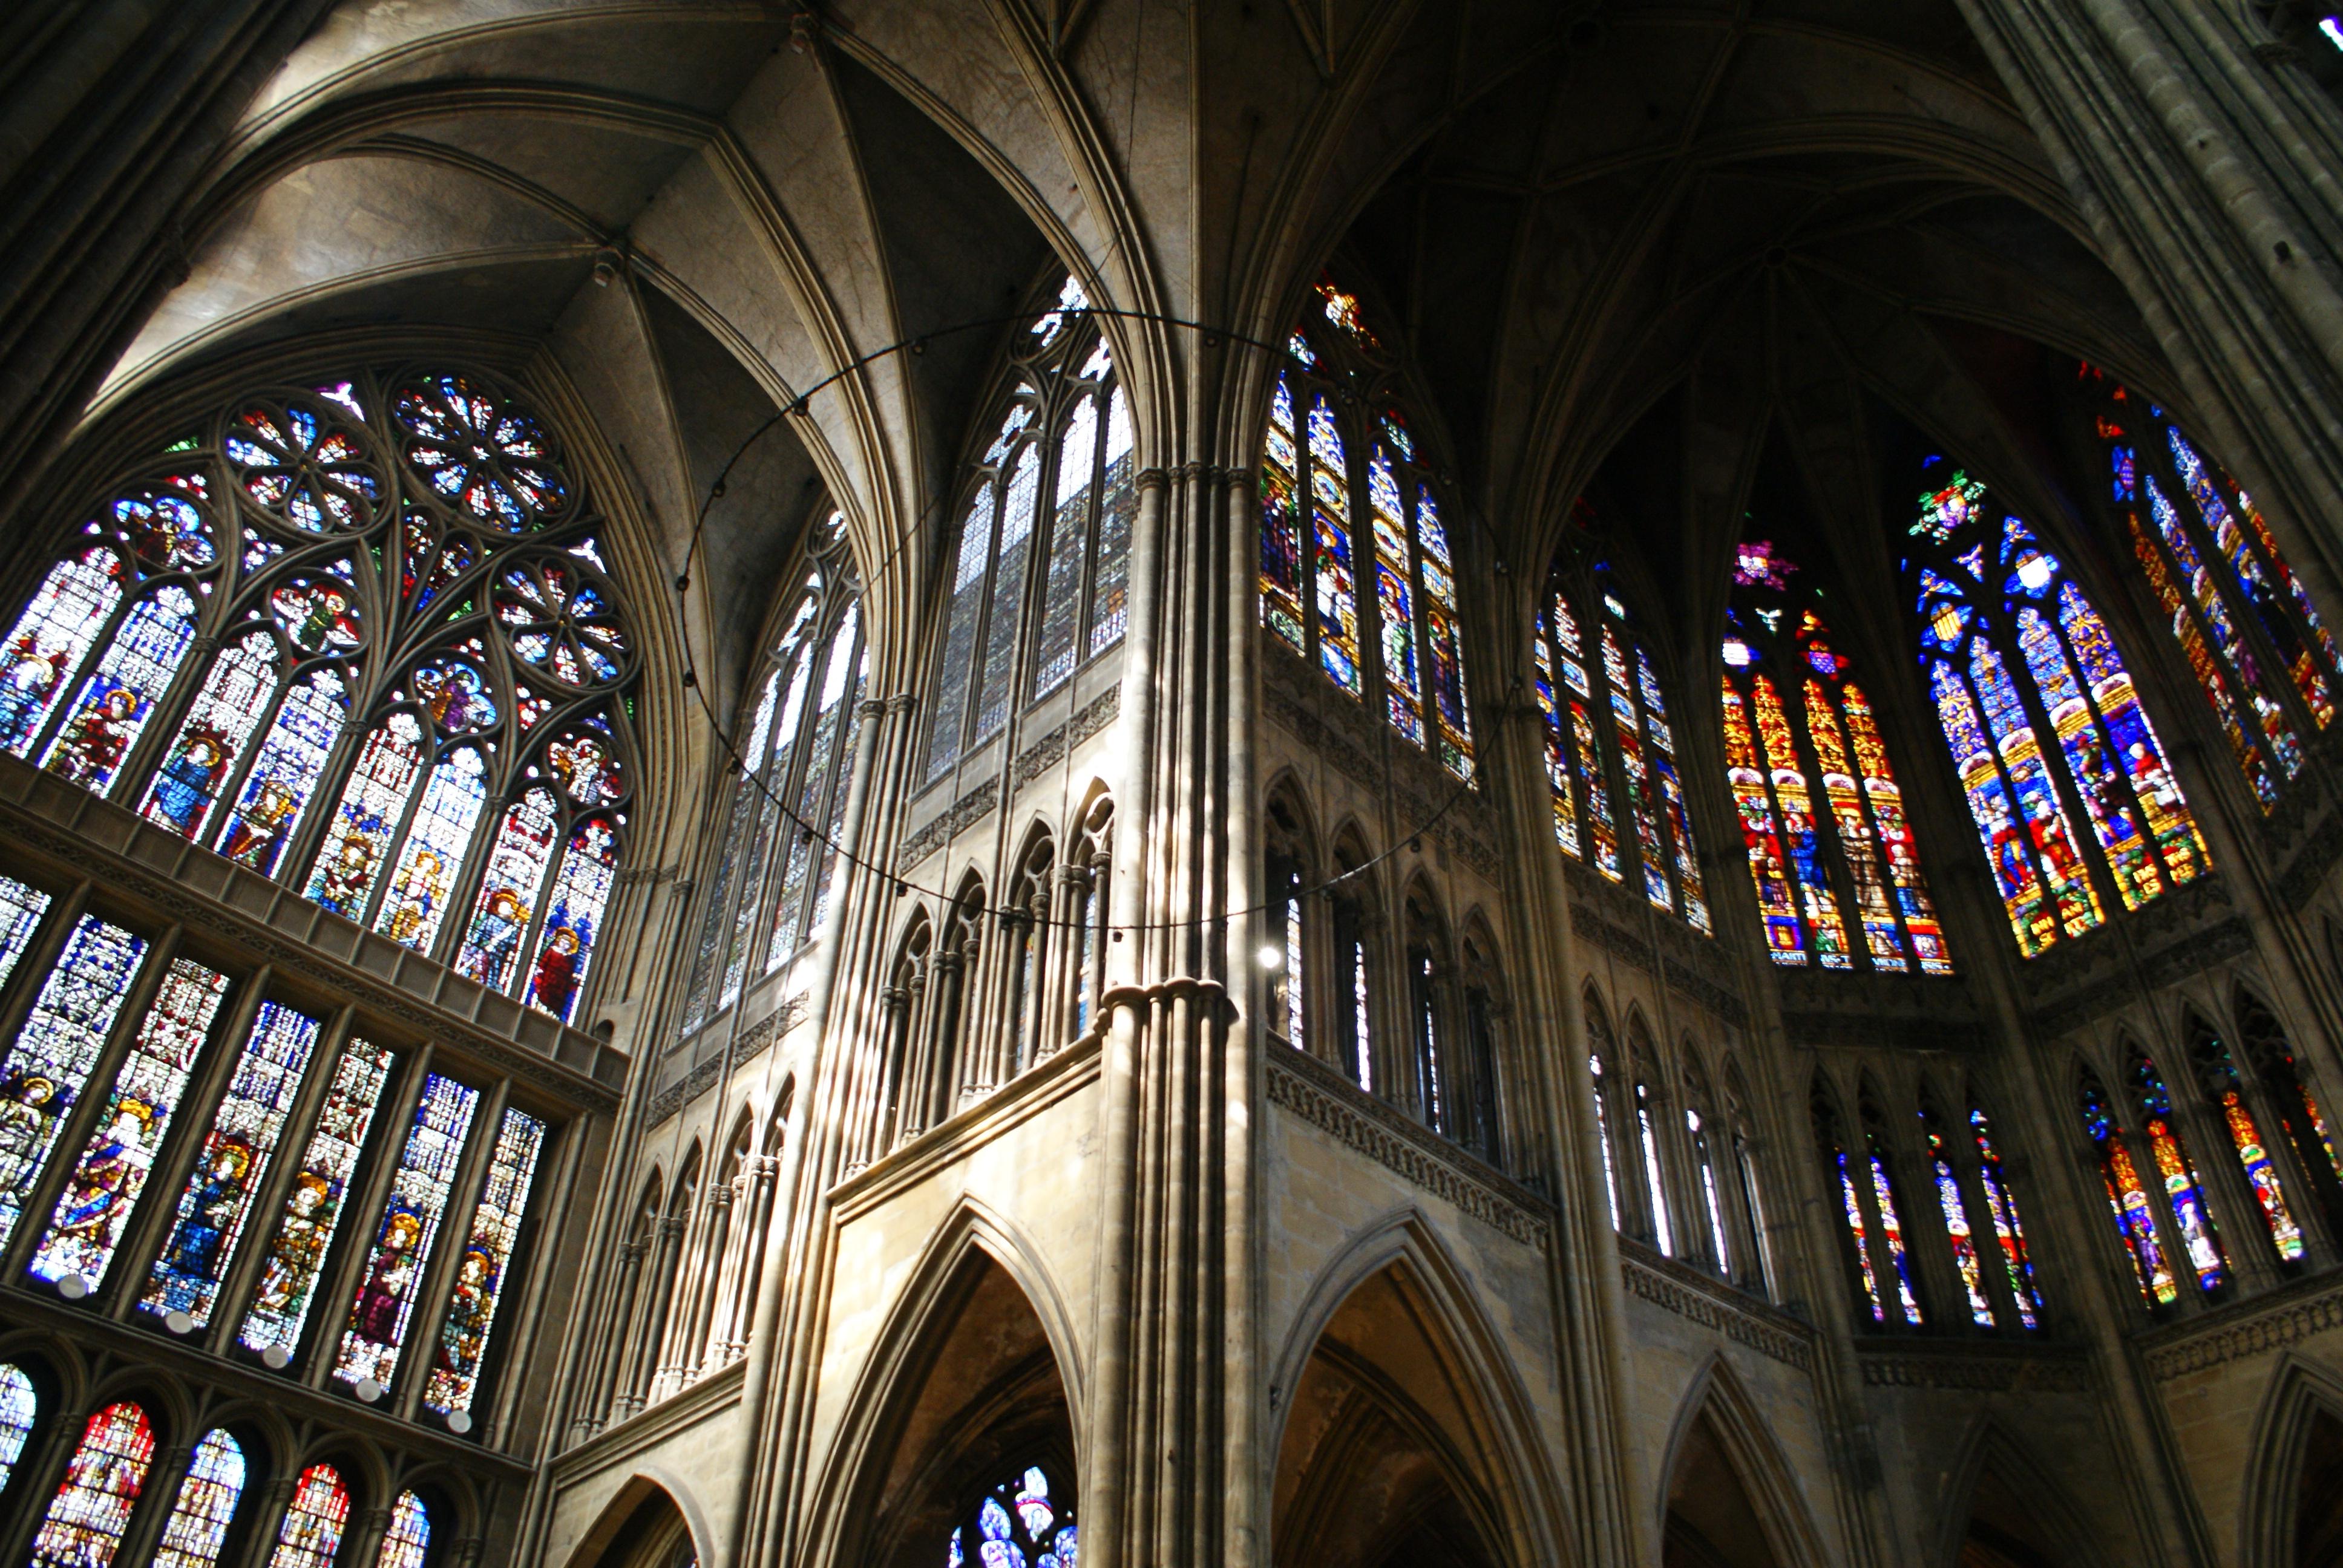 Il gotico l arte della luce storia e arte - Finestre circolari delle chiese gotiche ...